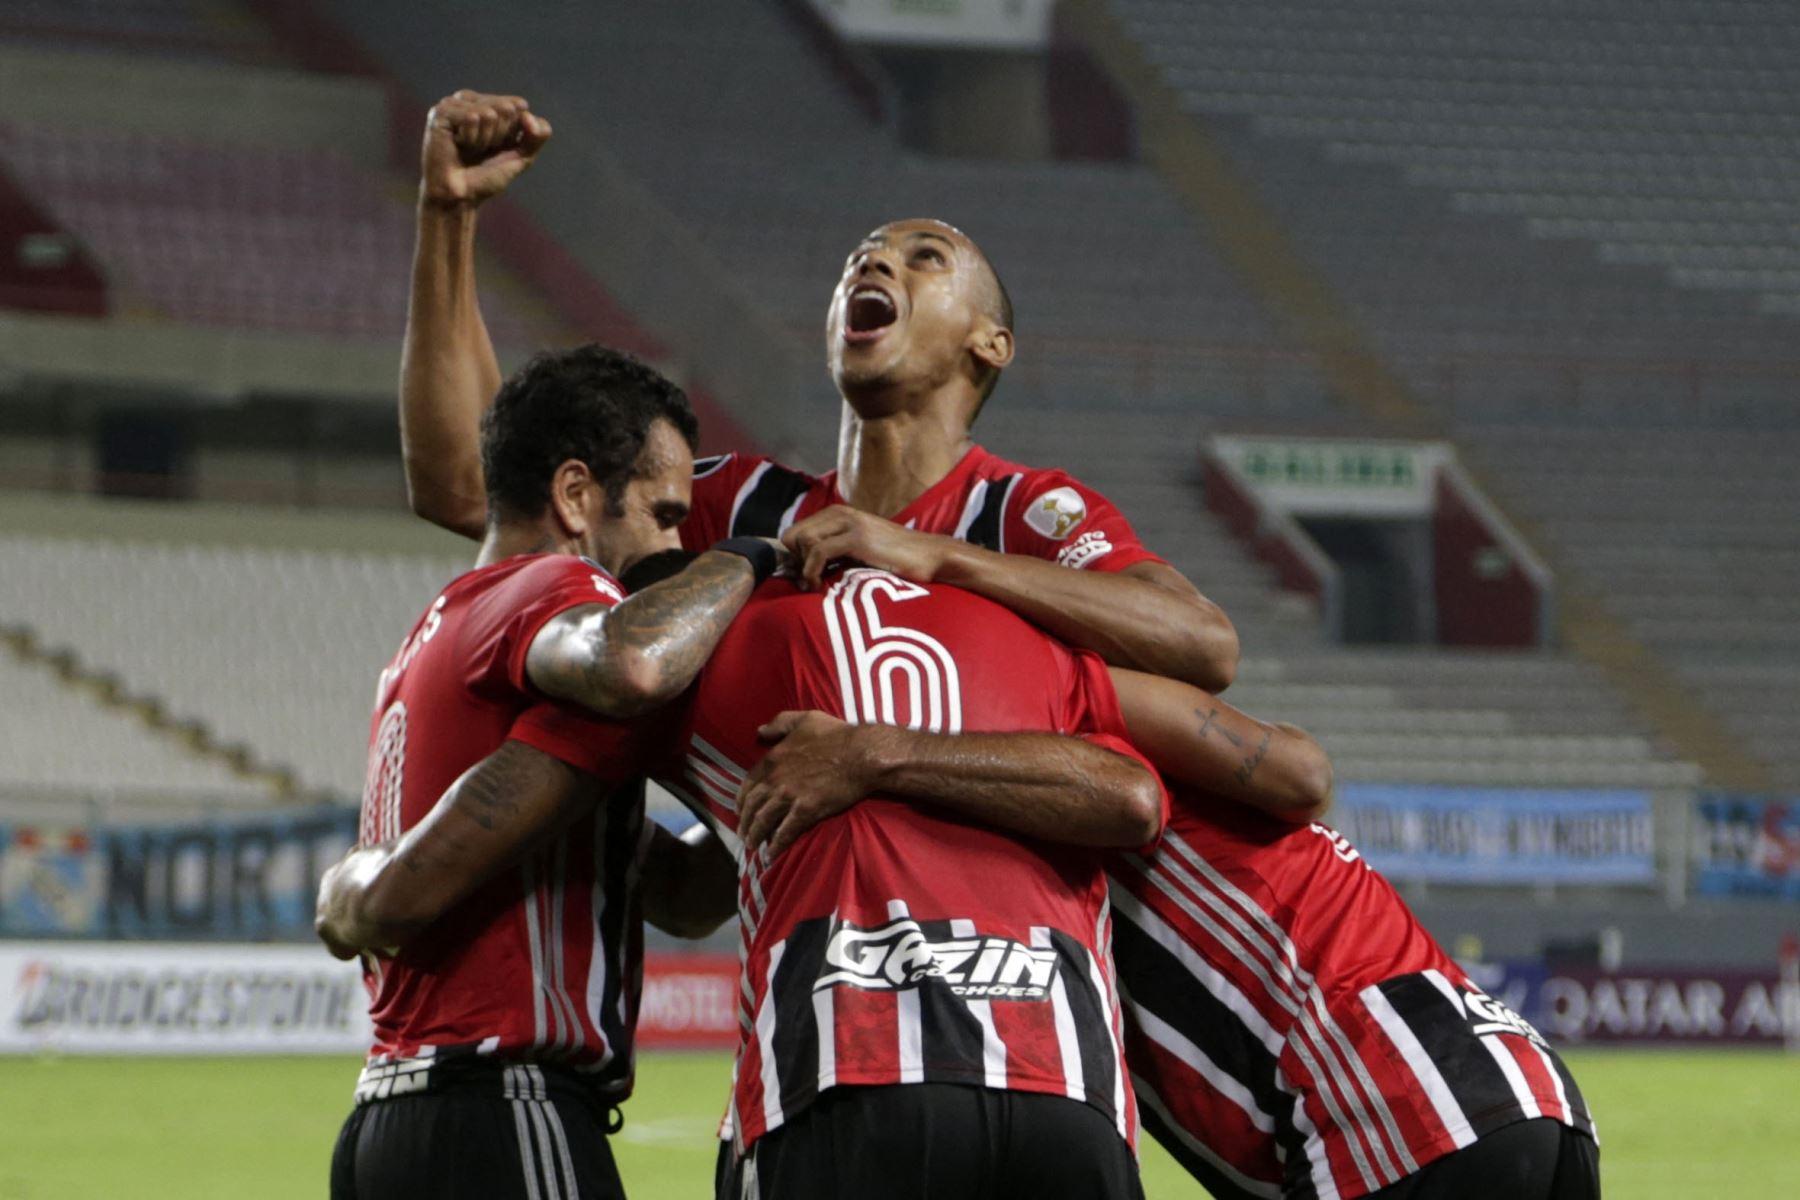 Los jugadores de Sao Paulo de Brasil celebran un gol durante el partido de la fase de grupos del torneo de fútbol Copa Libertadores entre el Sporting Cristal de Perú y el Sao Paulo de Brasil en el Estadio Nacional de Lima. Foto: AFP